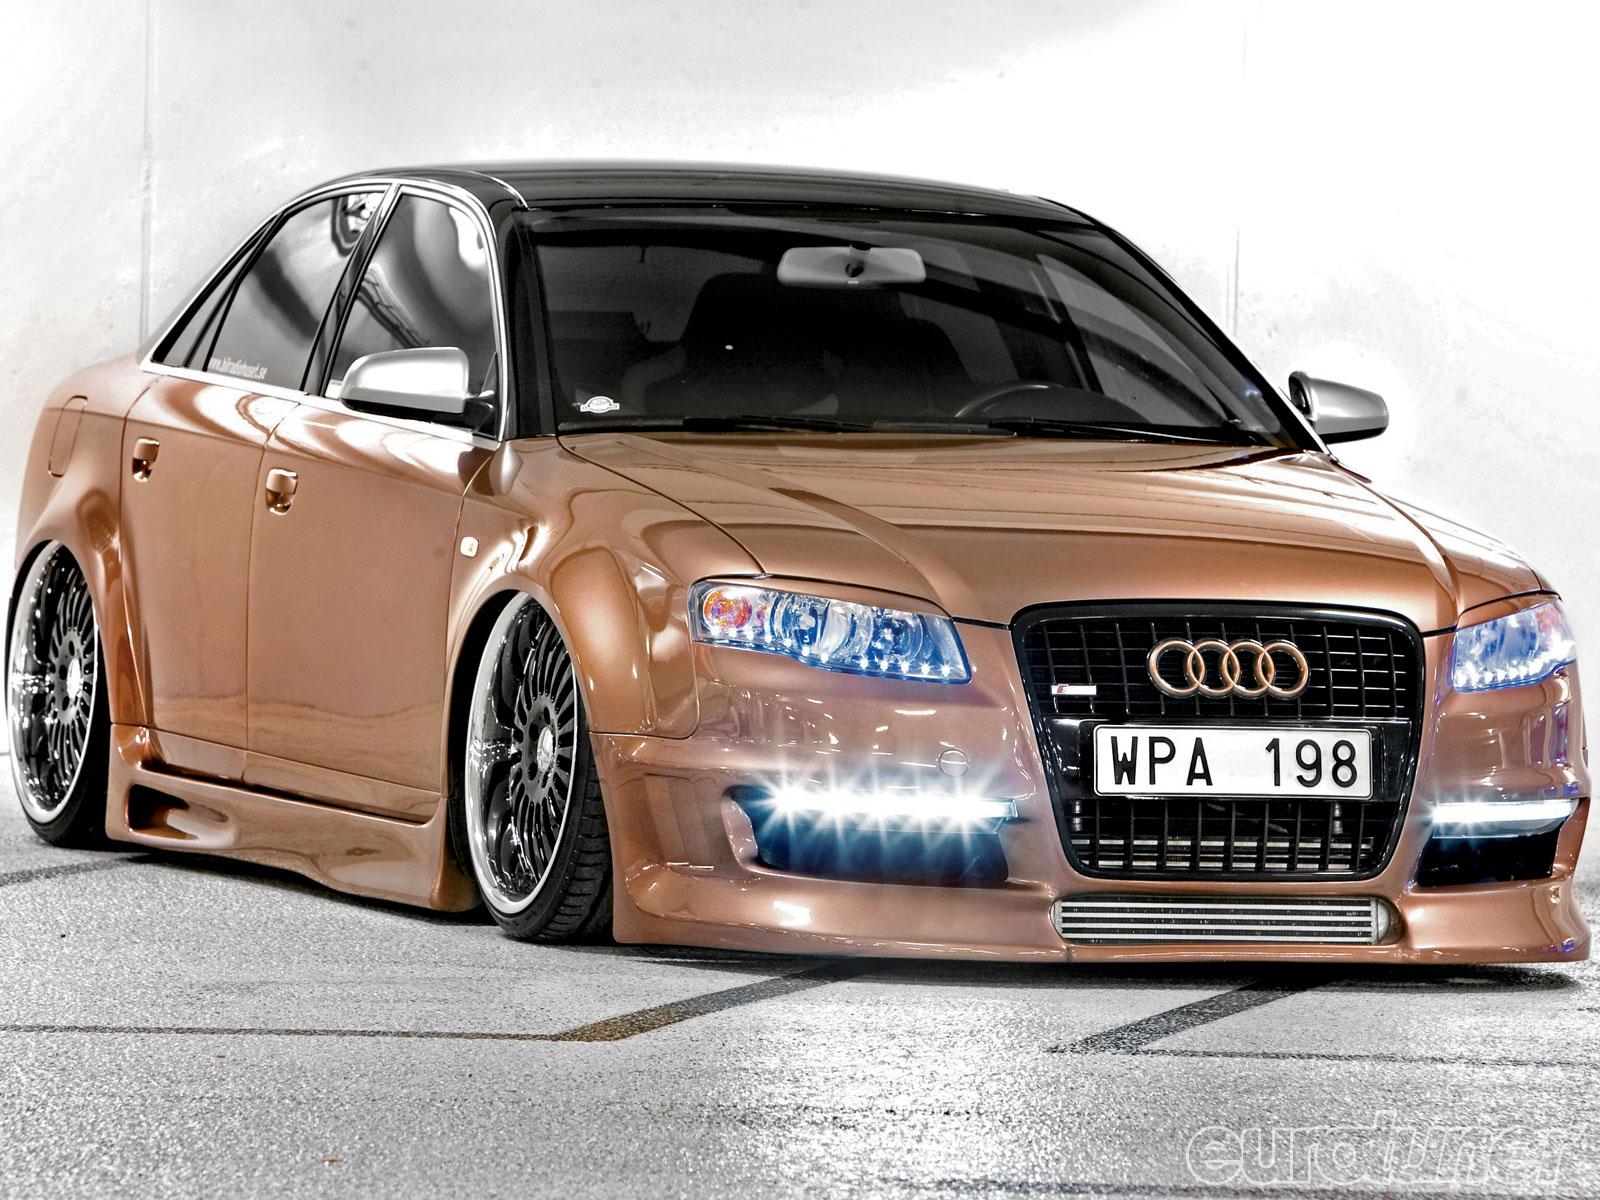 Kelebihan Kekurangan Audi A4 1.8 Review